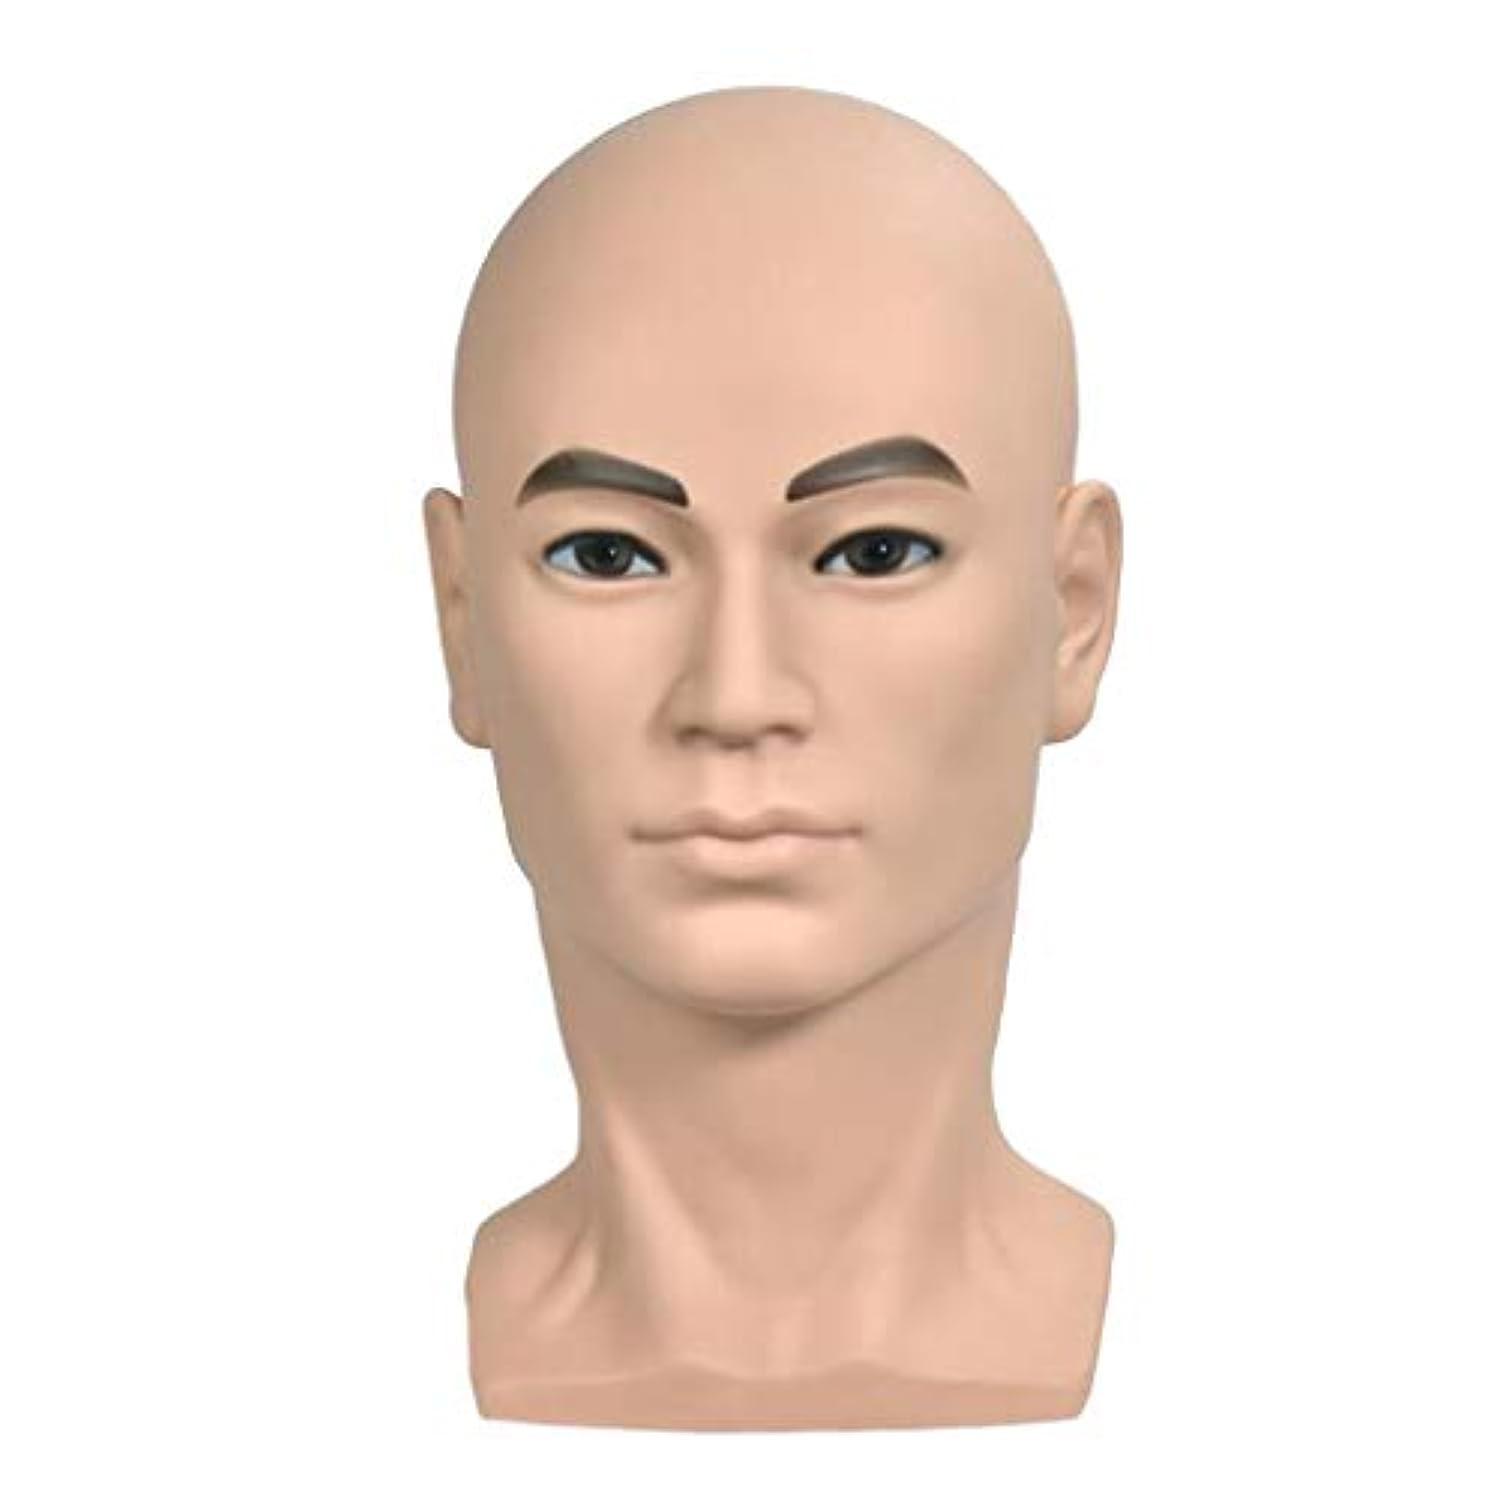 魅惑するスクレーパー放棄マネキンヘッド 男性 ヘッドモデル ウィッグ 帽子 ディスプレイ ホルダー 美容院 家